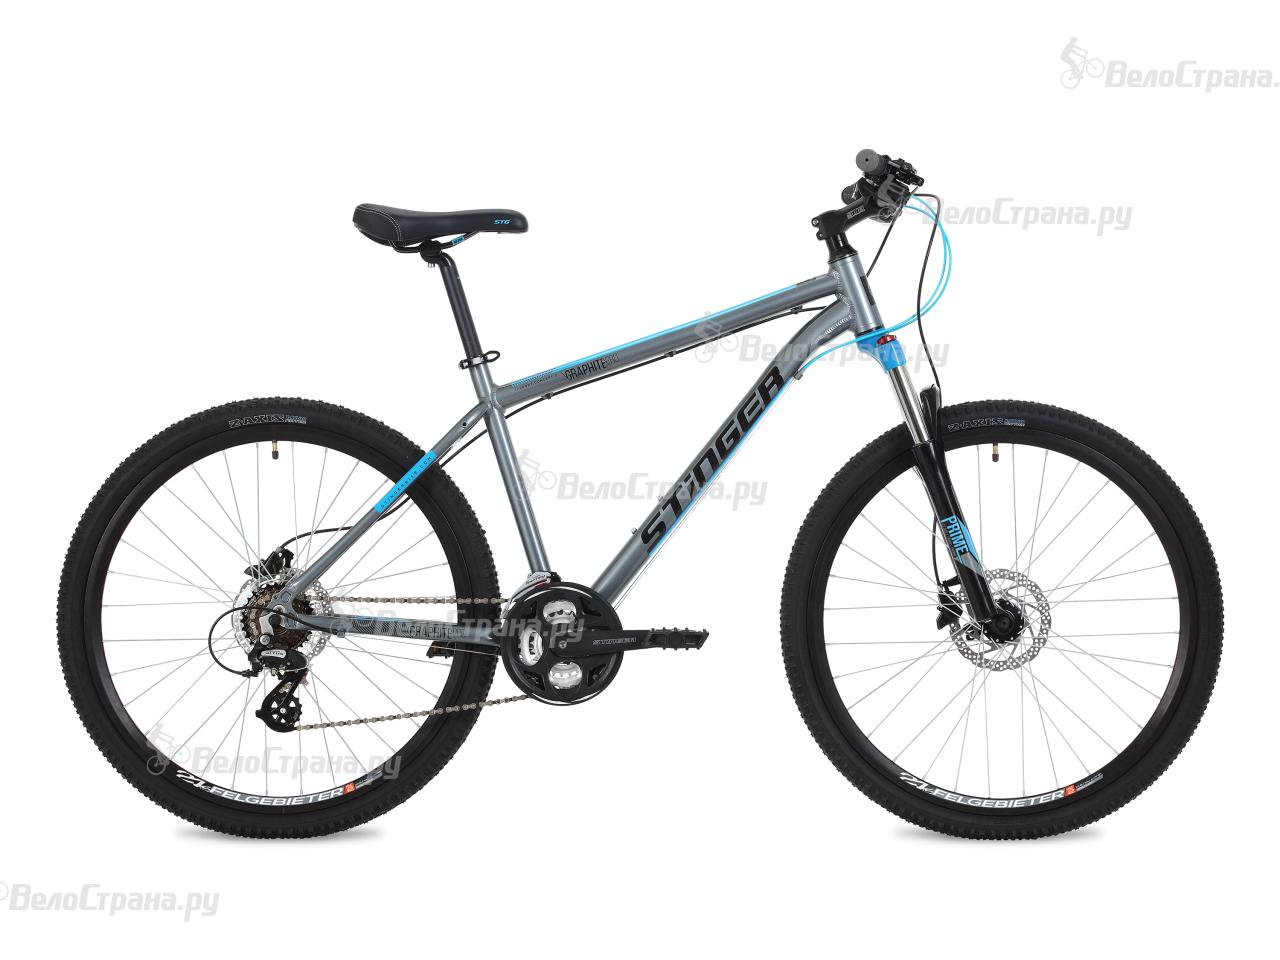 Велосипед Stinger Graphite Pro 27,5 (2018)